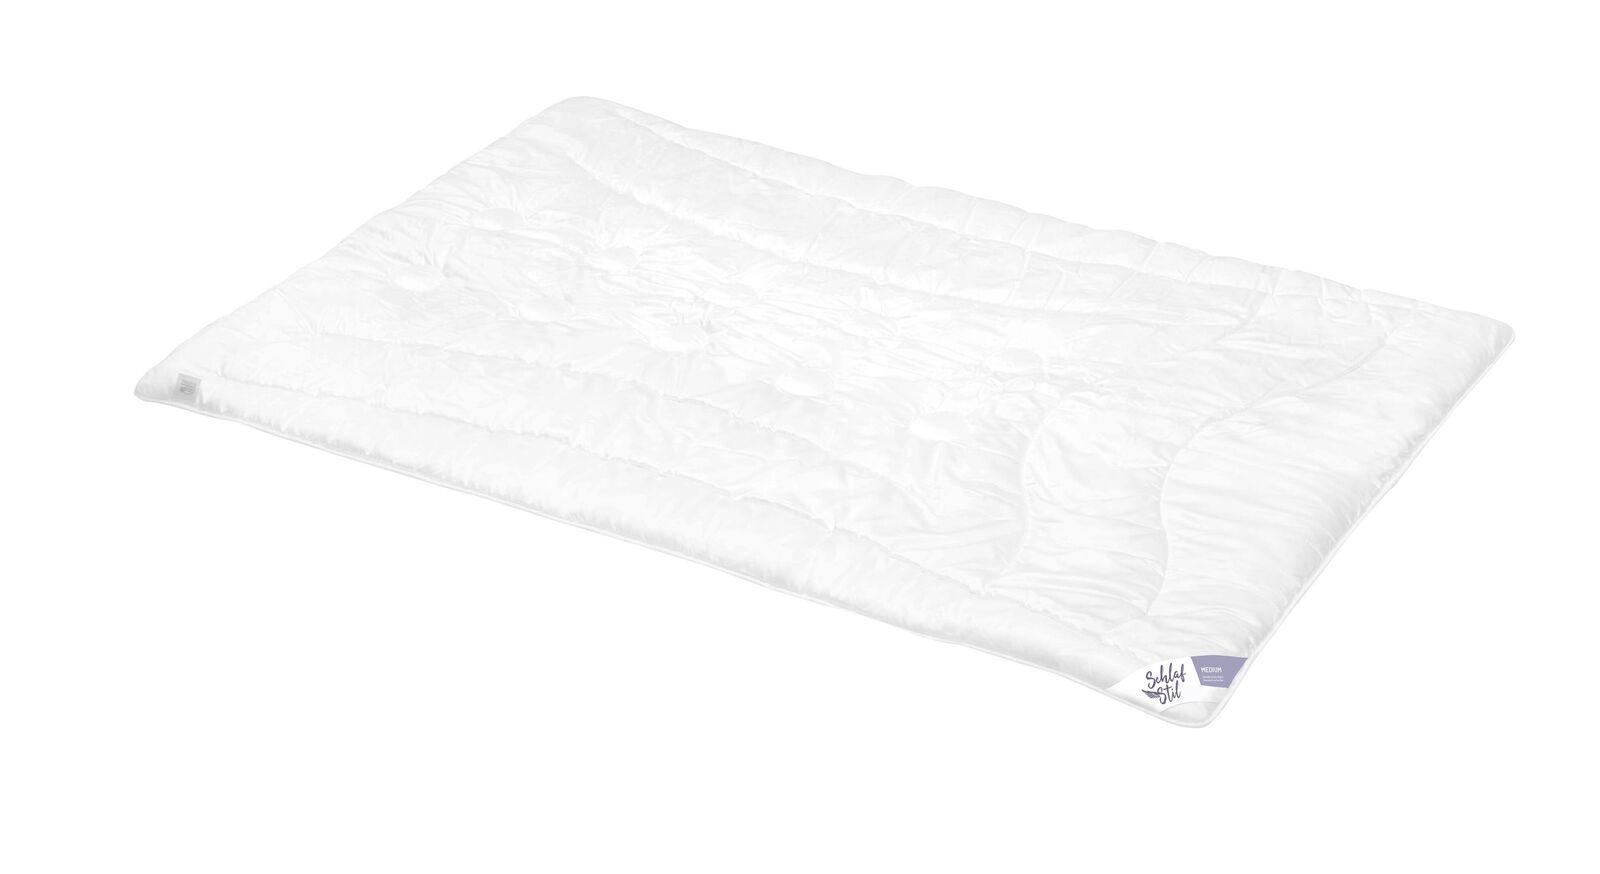 SCHLAFSTIL Kamelhaar-Flaum-Bettdecke N500 medium für normalen Wärmebedarf